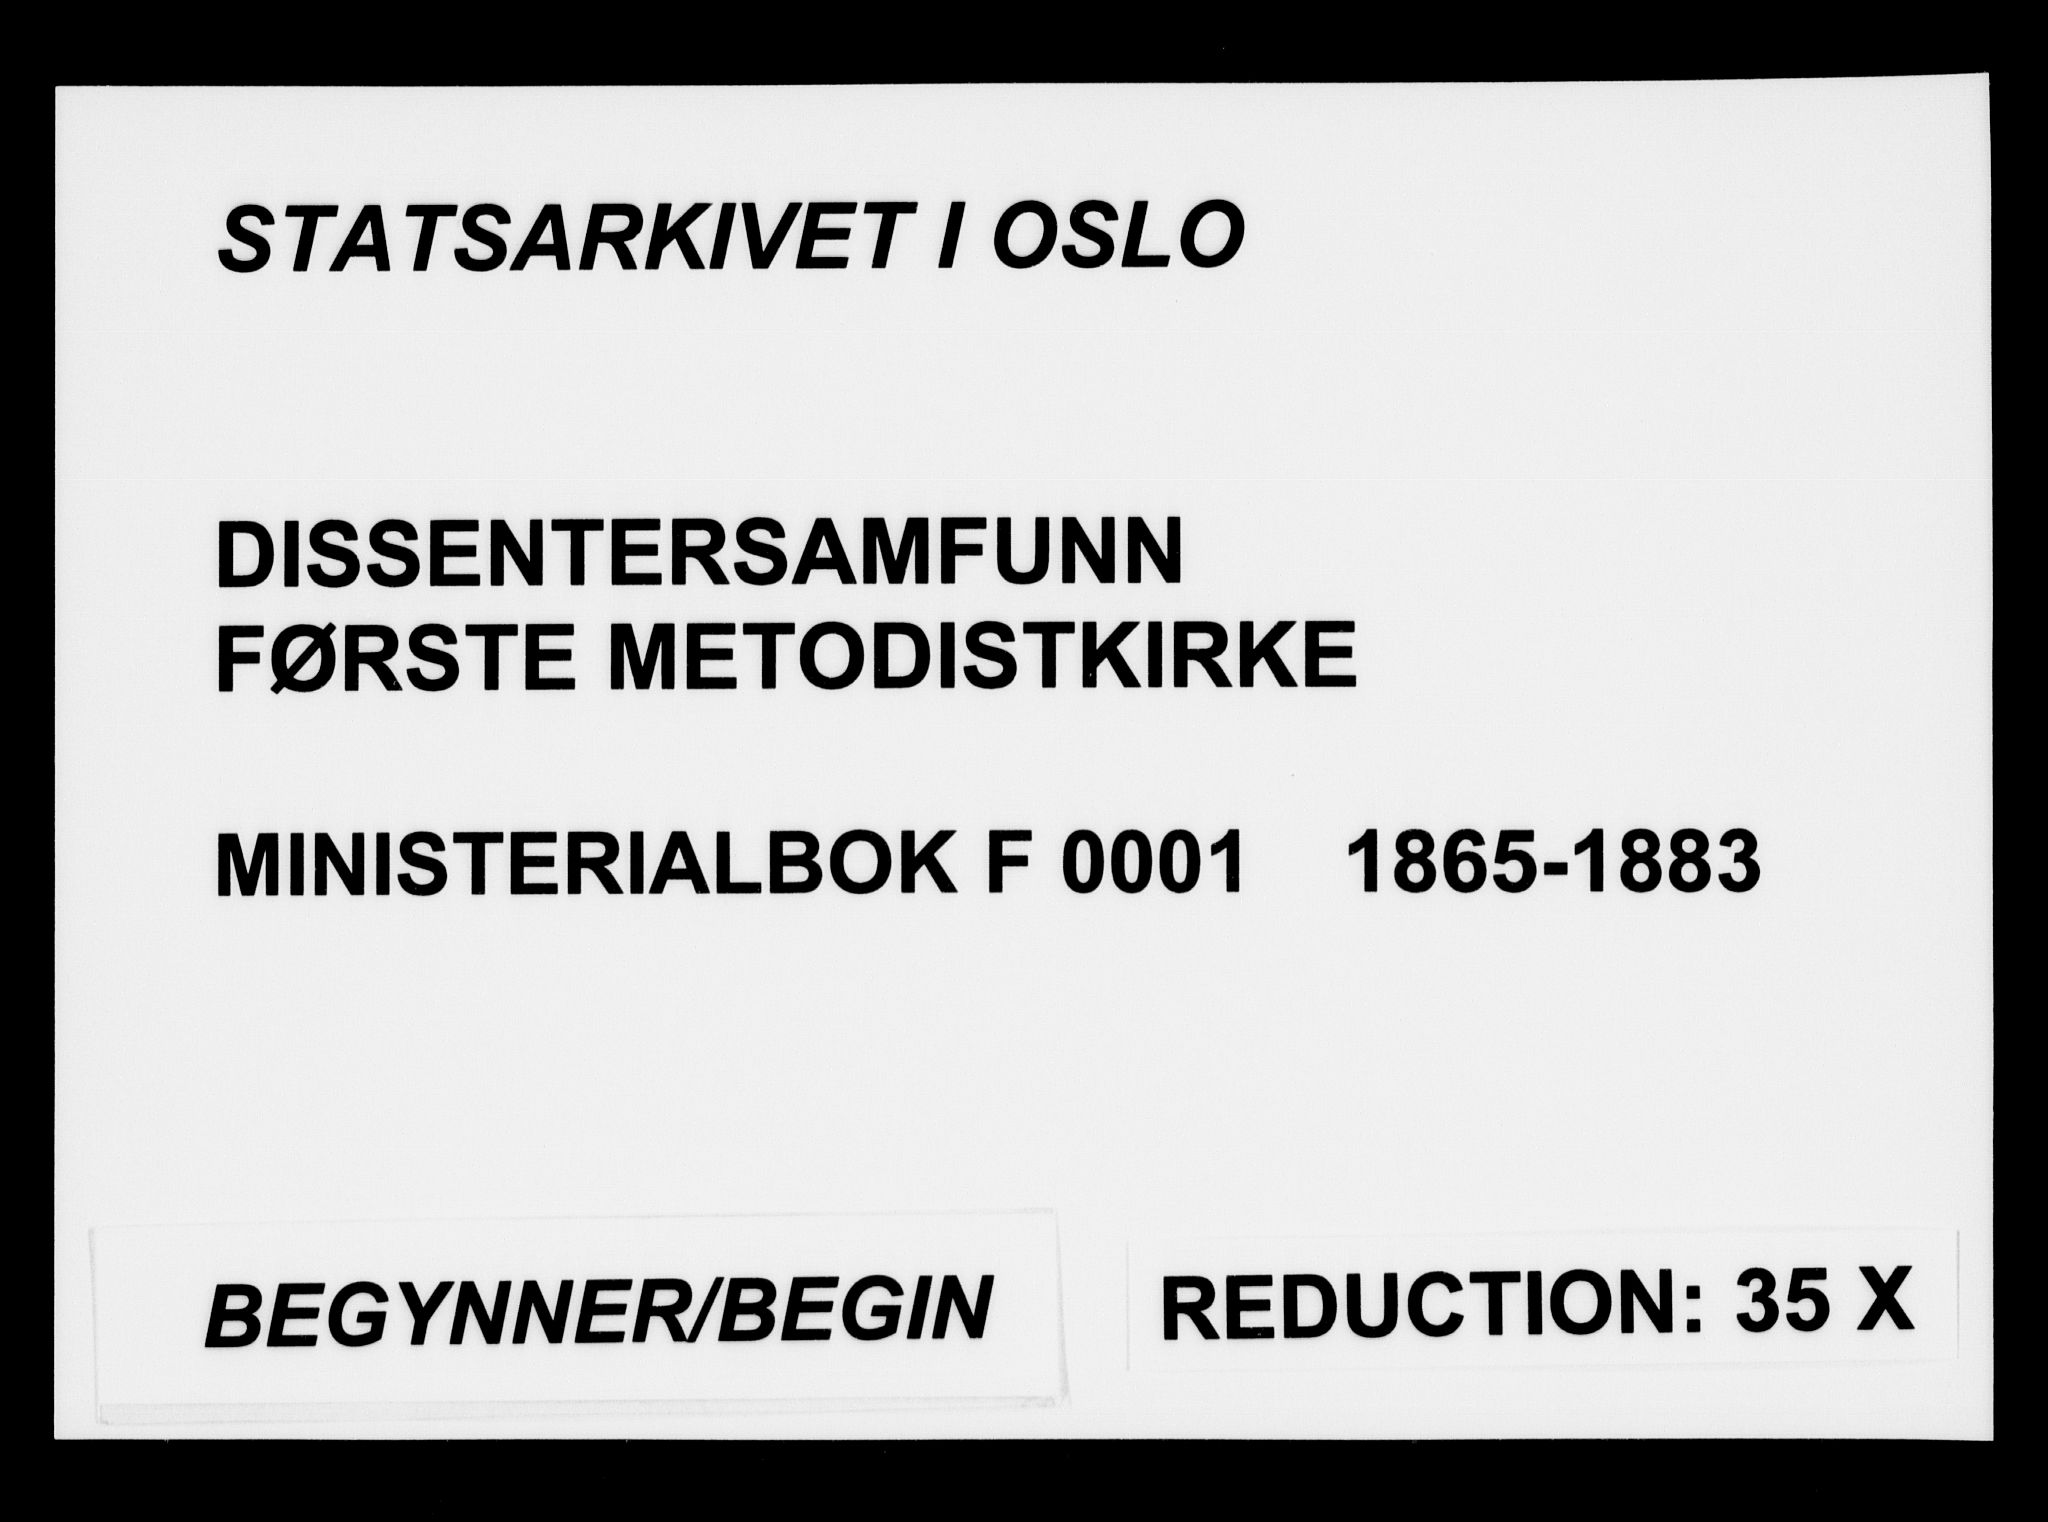 SAO, Første Metodistkirke Oslo -  menighetsprotokoller, F/L0001: Dissenterprotokoll nr. 1, 1865-1883